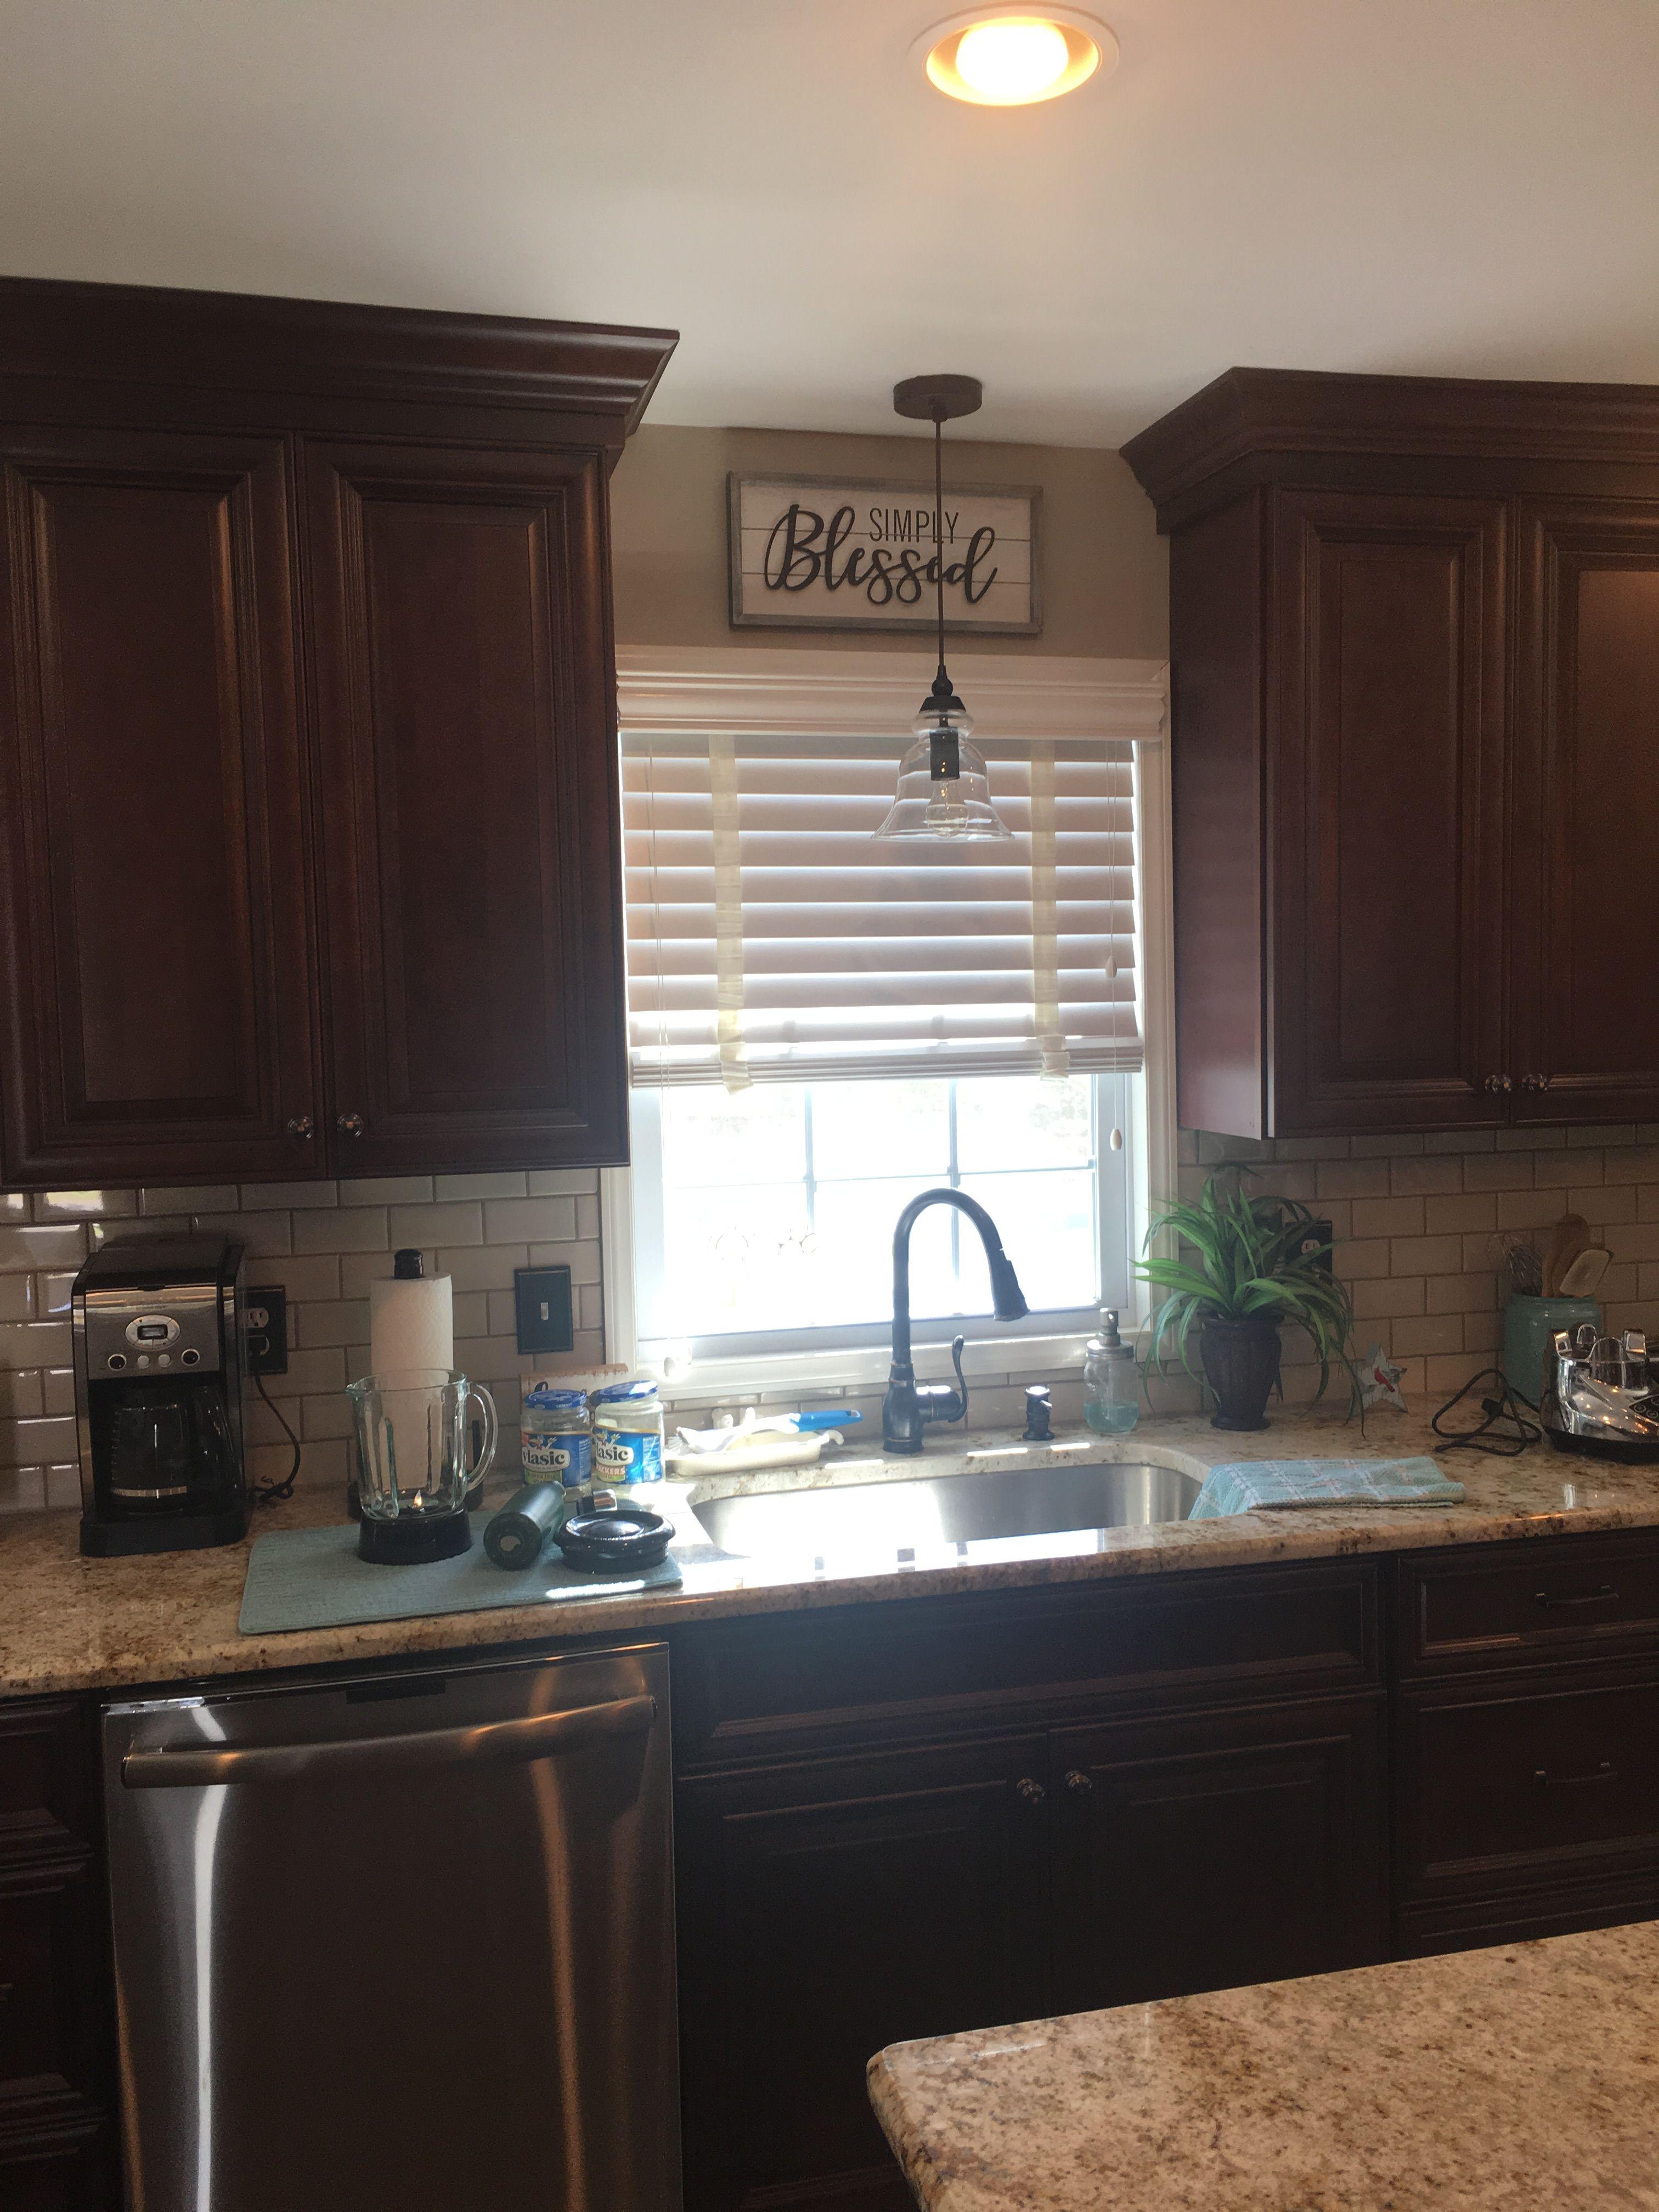 Kitchen Window Sign